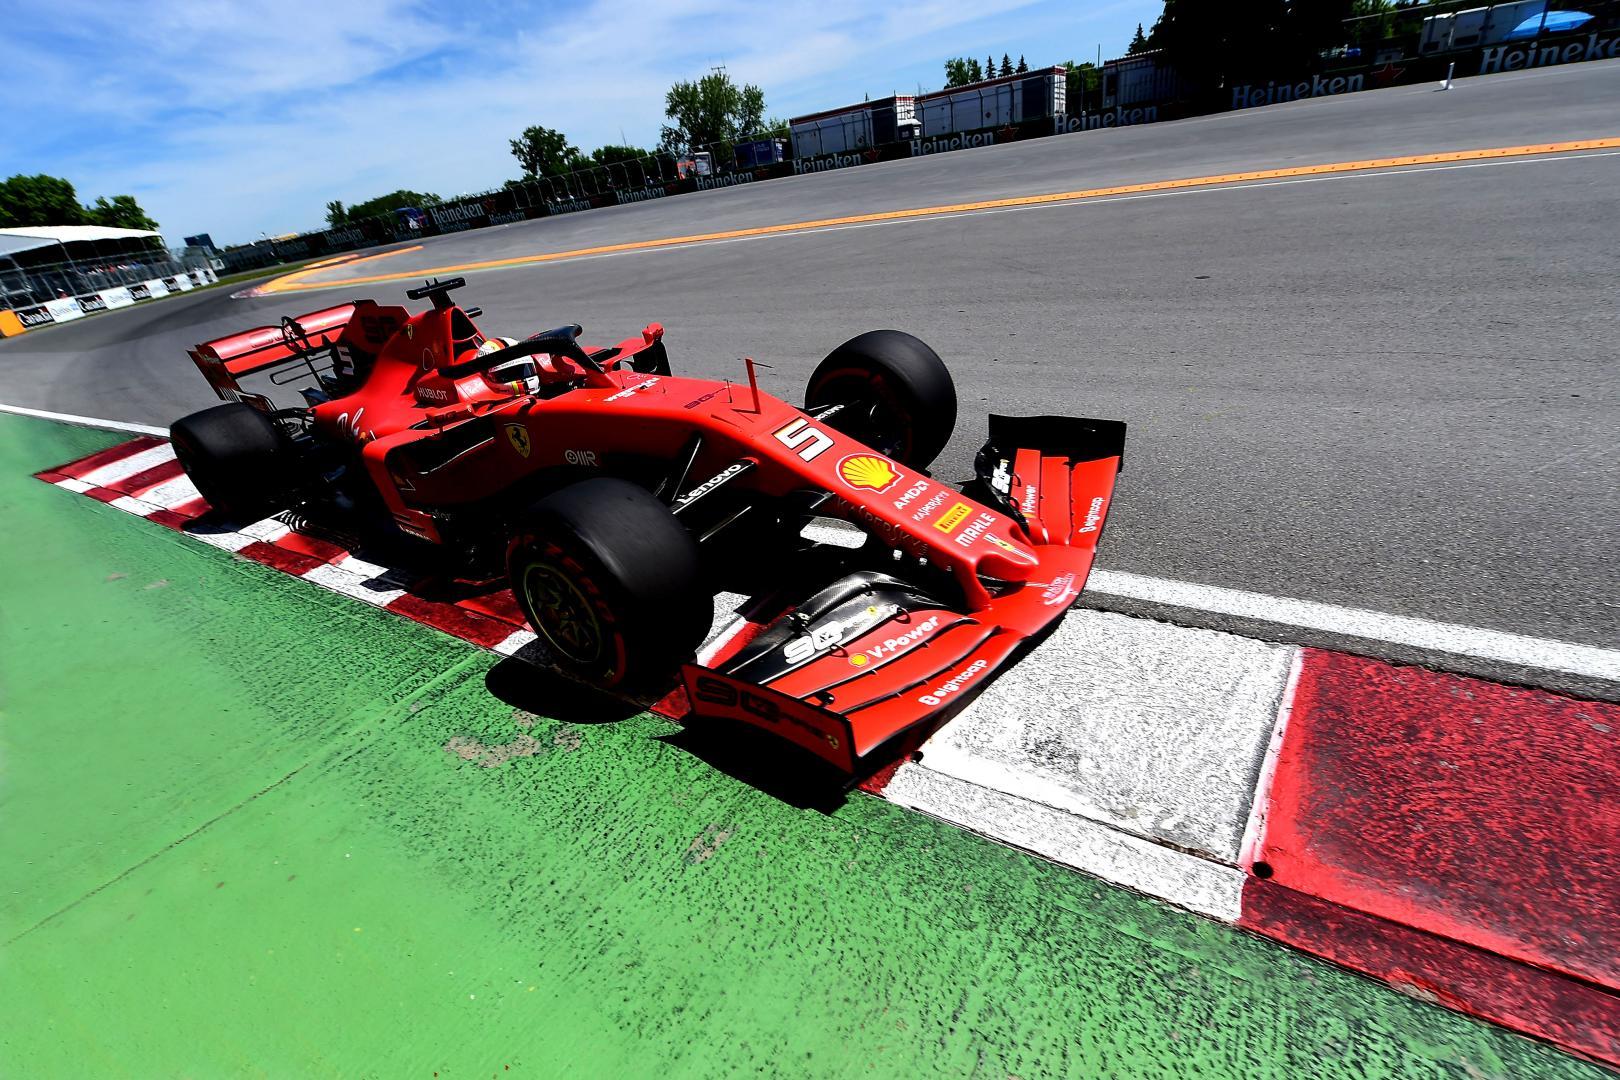 Uitslag van de GP van Canada 2019